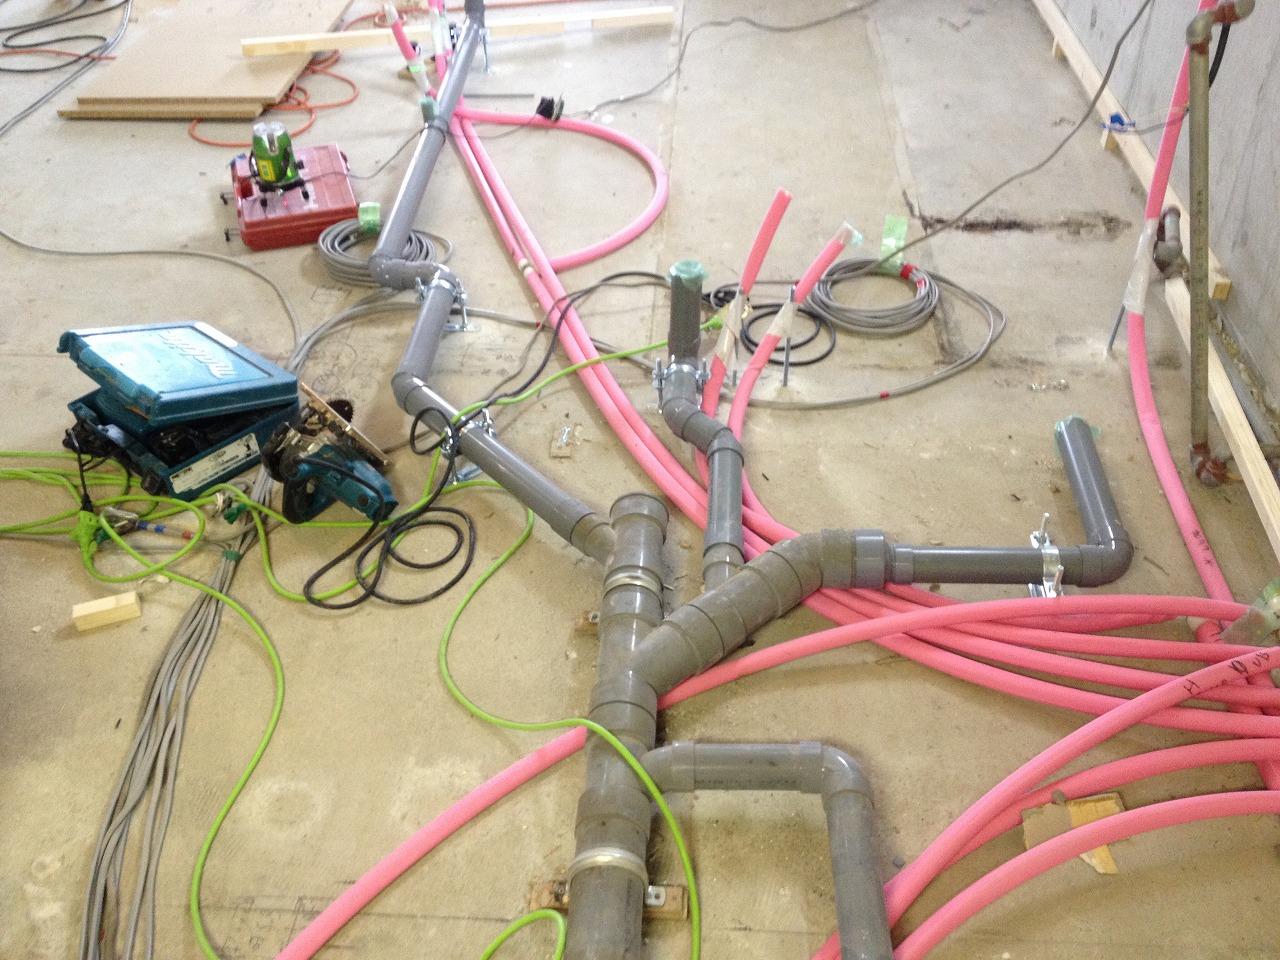 配管の移設と同時に、給水・給湯・排水管を全て新しく取替えています。